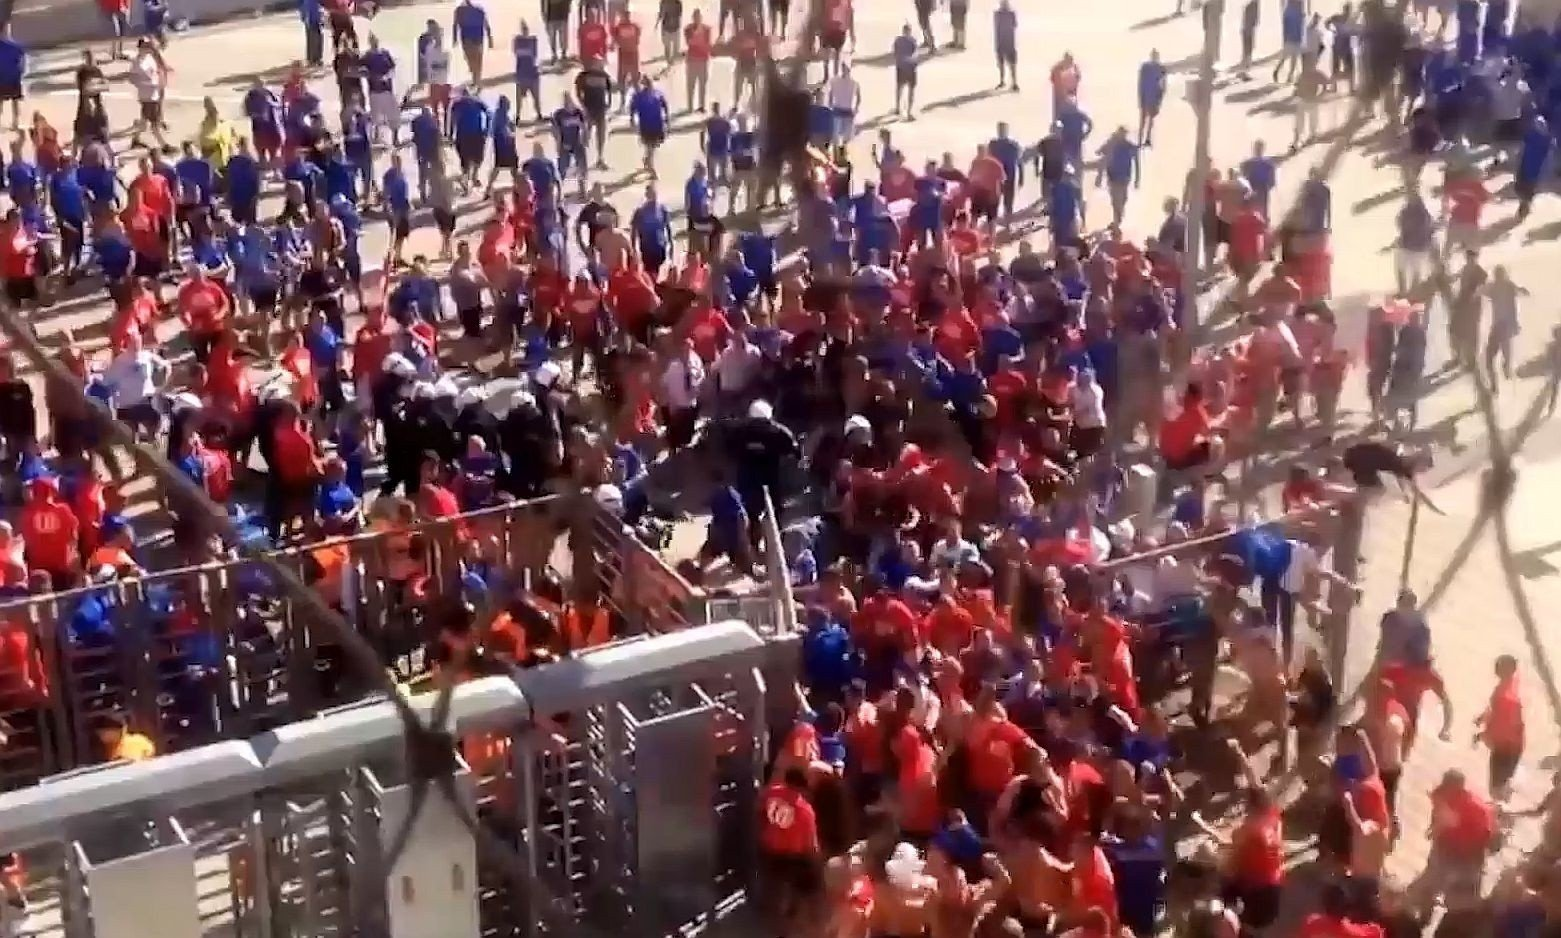 67812ff2b Pseudokibice Ruchu Chorzów wdarli się na stadion w Białymstoku przed meczem  Jagiellonia - Ruch. Sąd Okręgowy w Białymstoku wydał wyrok WIDEO | Kurier  ...